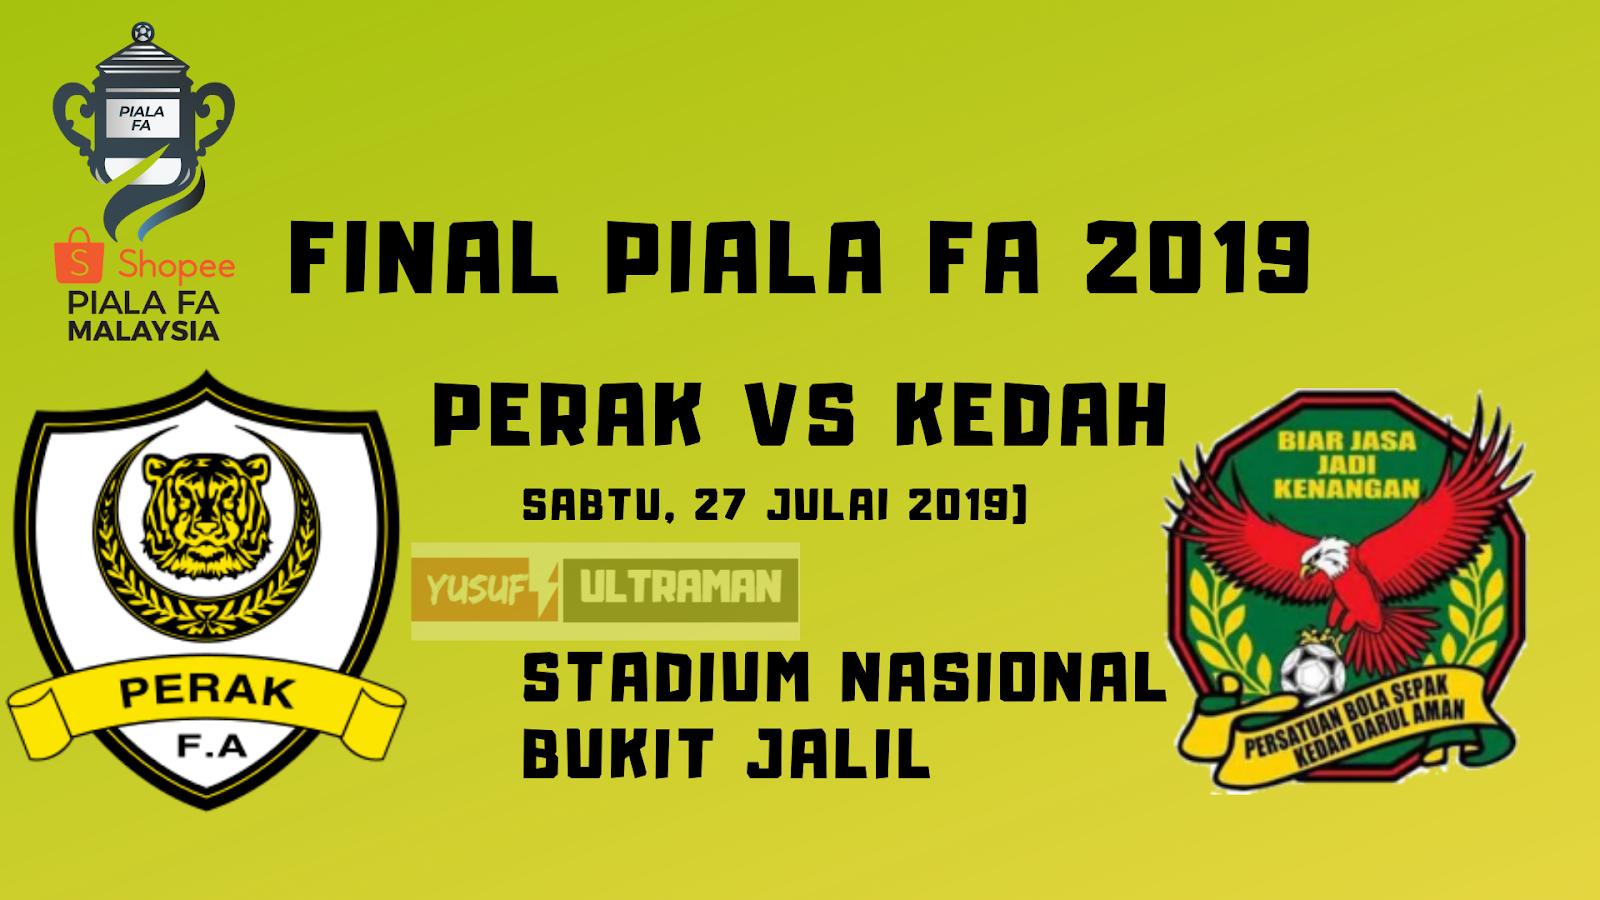 Harga Tiket Final Piala Fa 2019 Kedah Vs Perak Jadual Yusufultraman Com